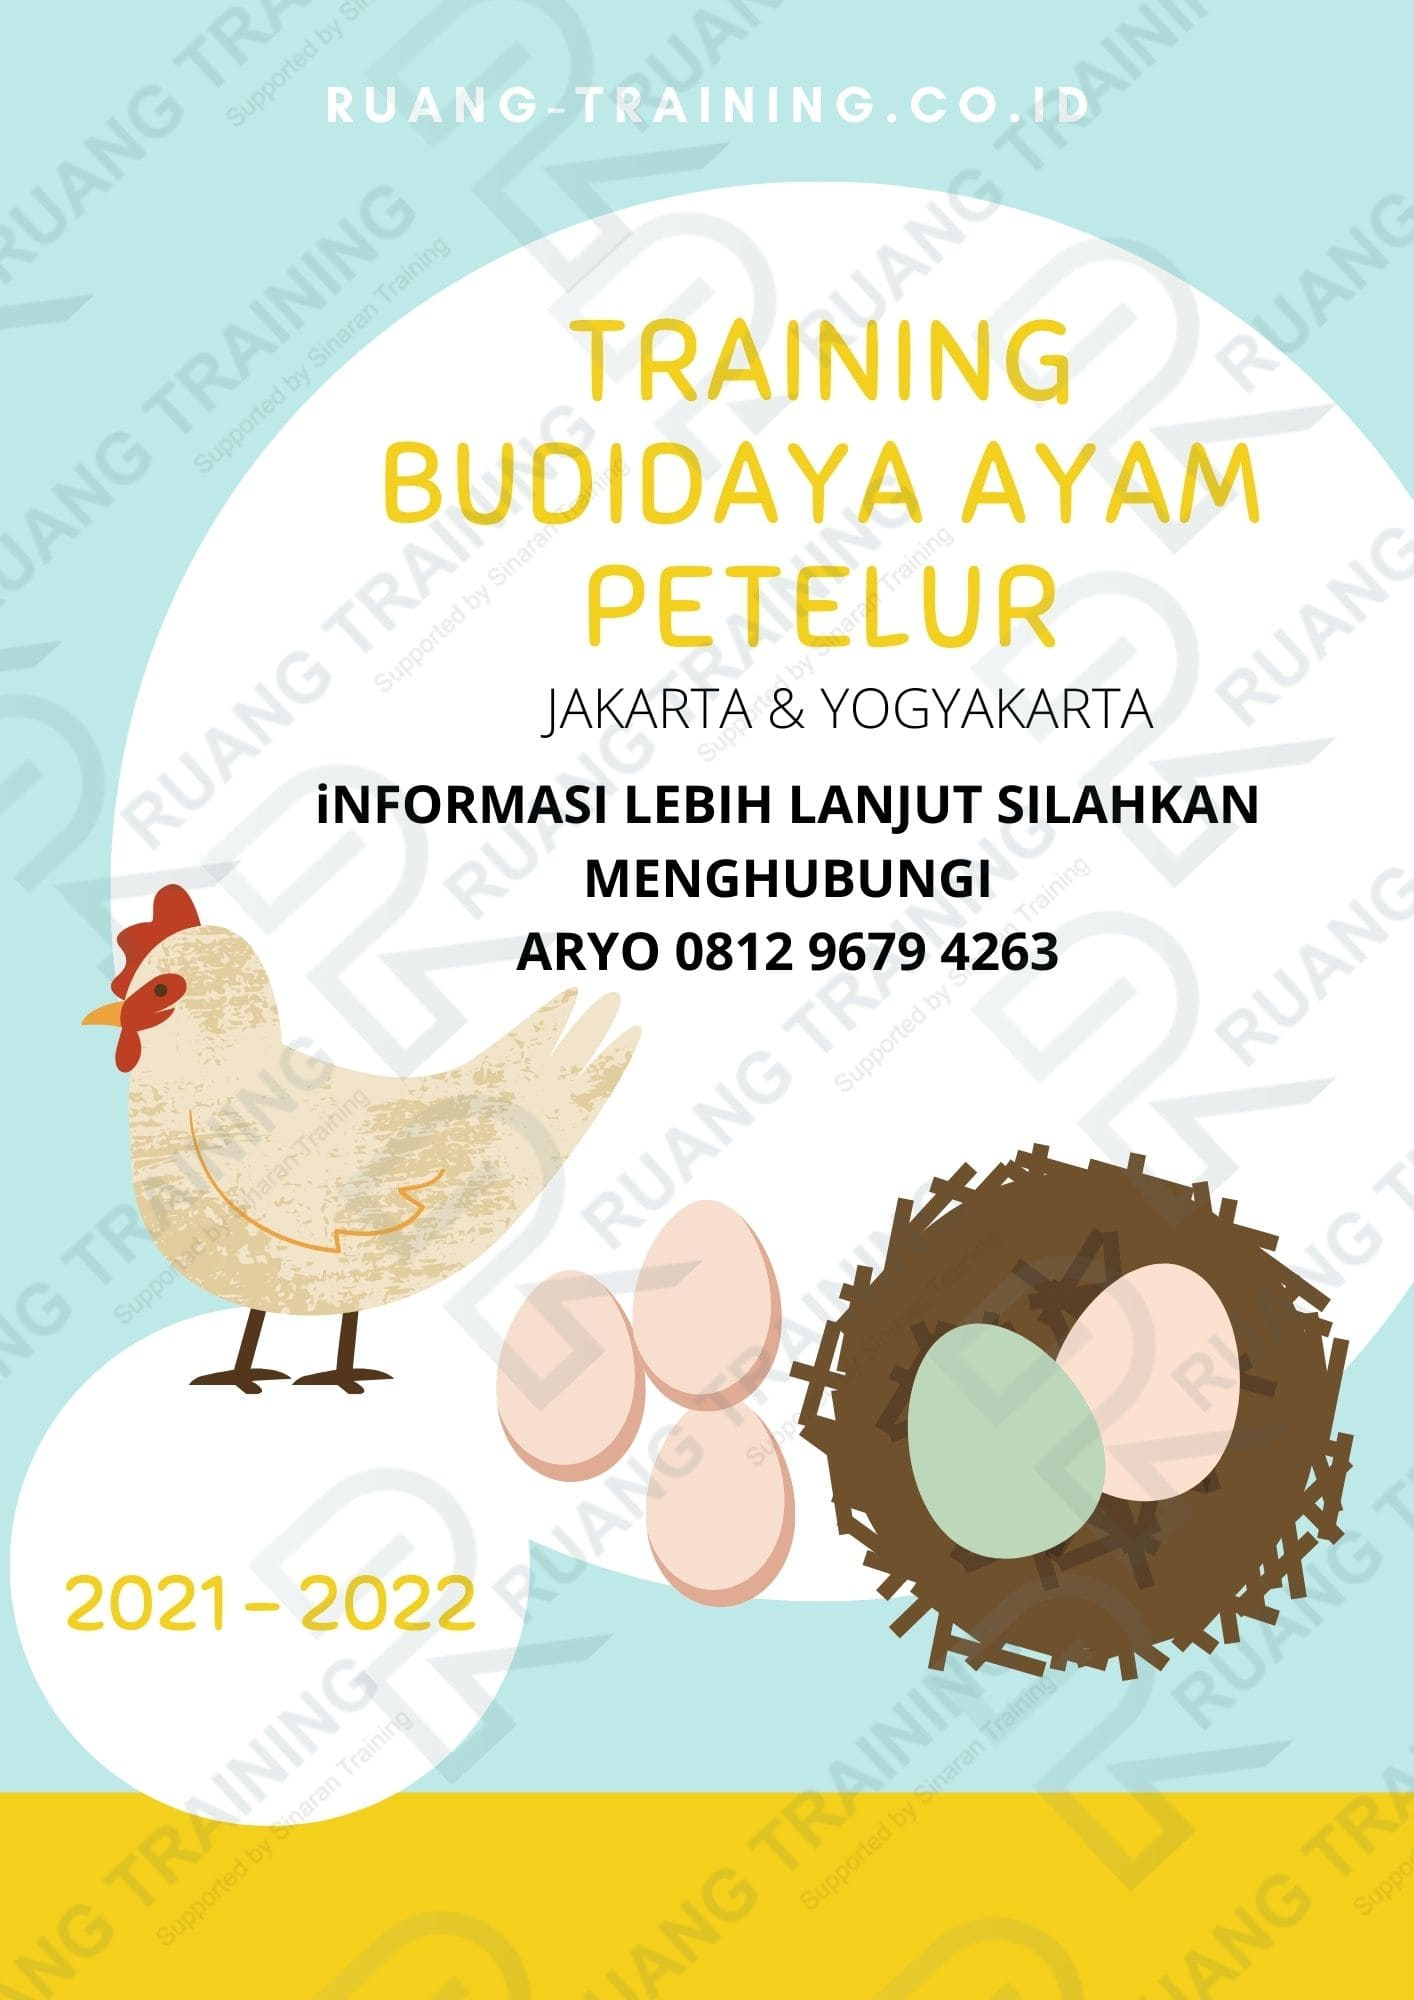 training BUDIDAYA AYAM PETELUR,pelatihan BUDIDAYA AYAM PETELUR,training BUDIDAYA AYAM PETELUR Batam,training BUDIDAYA AYAM PETELUR Bandung,training BUDIDAYA AYAM PETELUR Jakarta,training BUDIDAYA AYAM PETELUR Jogja,training BUDIDAYA AYAM PETELUR Malang,training BUDIDAYA AYAM PETELUR Surabaya,training BUDIDAYA AYAM PETELUR Bali,training BUDIDAYA AYAM PETELUR Lombok,pelatihan BUDIDAYA AYAM PETELUR Batam,pelatihan BUDIDAYA AYAM PETELUR Bandung,pelatihan BUDIDAYA AYAM PETELUR Jakarta,pelatihan BUDIDAYA AYAM PETELUR Jogja,pelatihan BUDIDAYA AYAM PETELUR Malang,pelatihan BUDIDAYA AYAM PETELUR Surabaya,pelatihan BUDIDAYA AYAM PETELUR Bali,pelatihan BUDIDAYA AYAM PETELUR Lombok